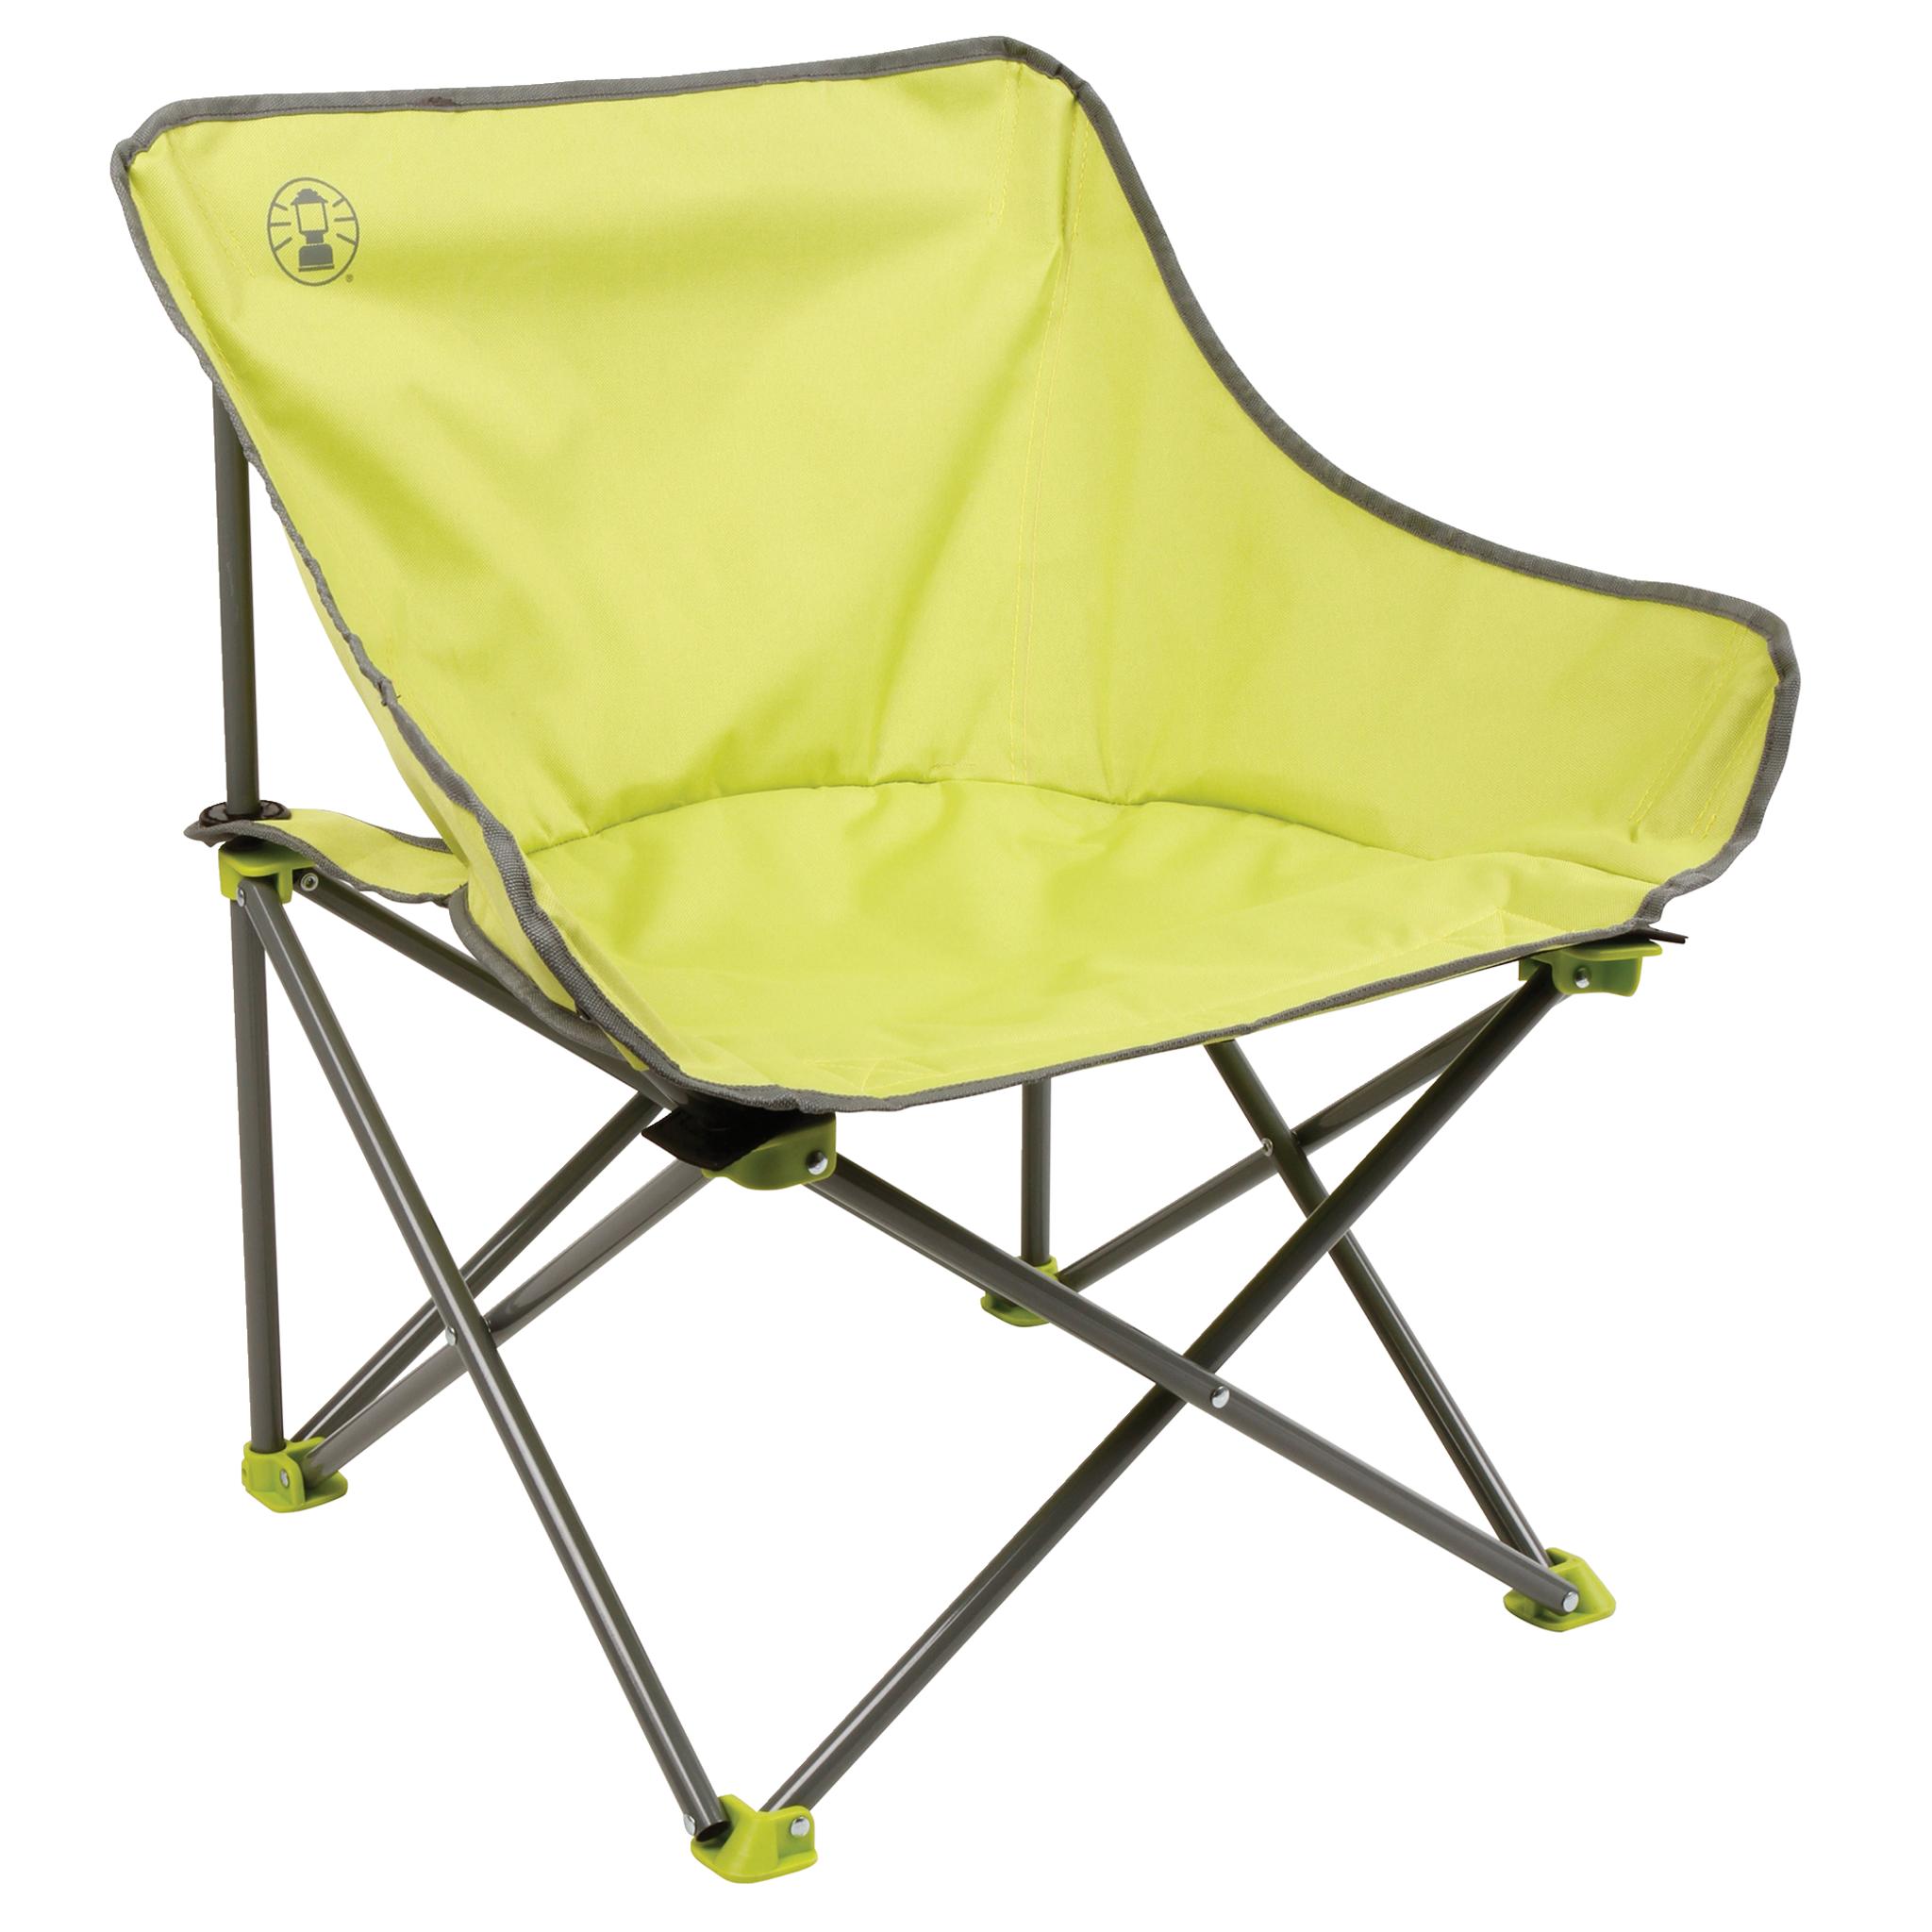 STD Kickback Chair, campingstol STD